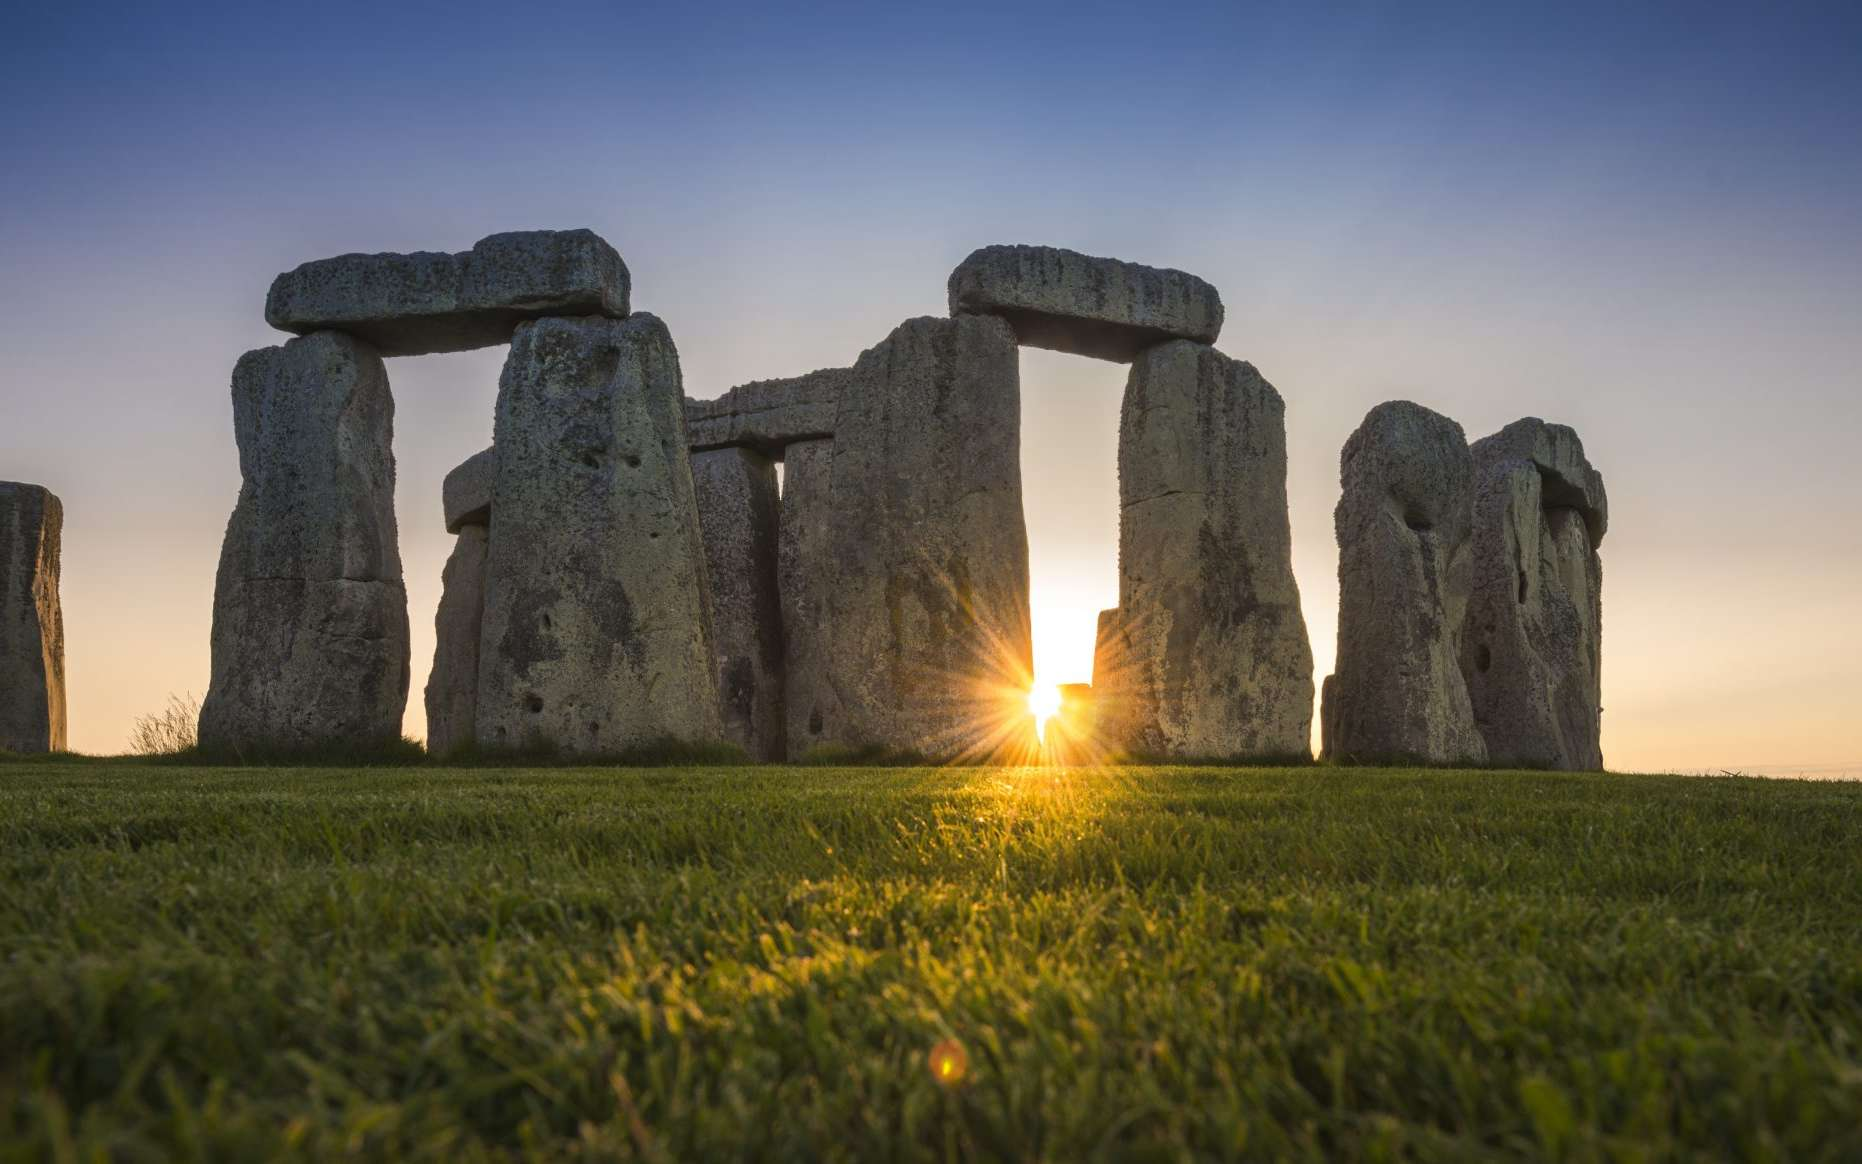 L'origine des mégalithes de grès sarsen formant le cœur de Stonehenge aurait enfin été révélée. © Andre Pattenden, English Heritage